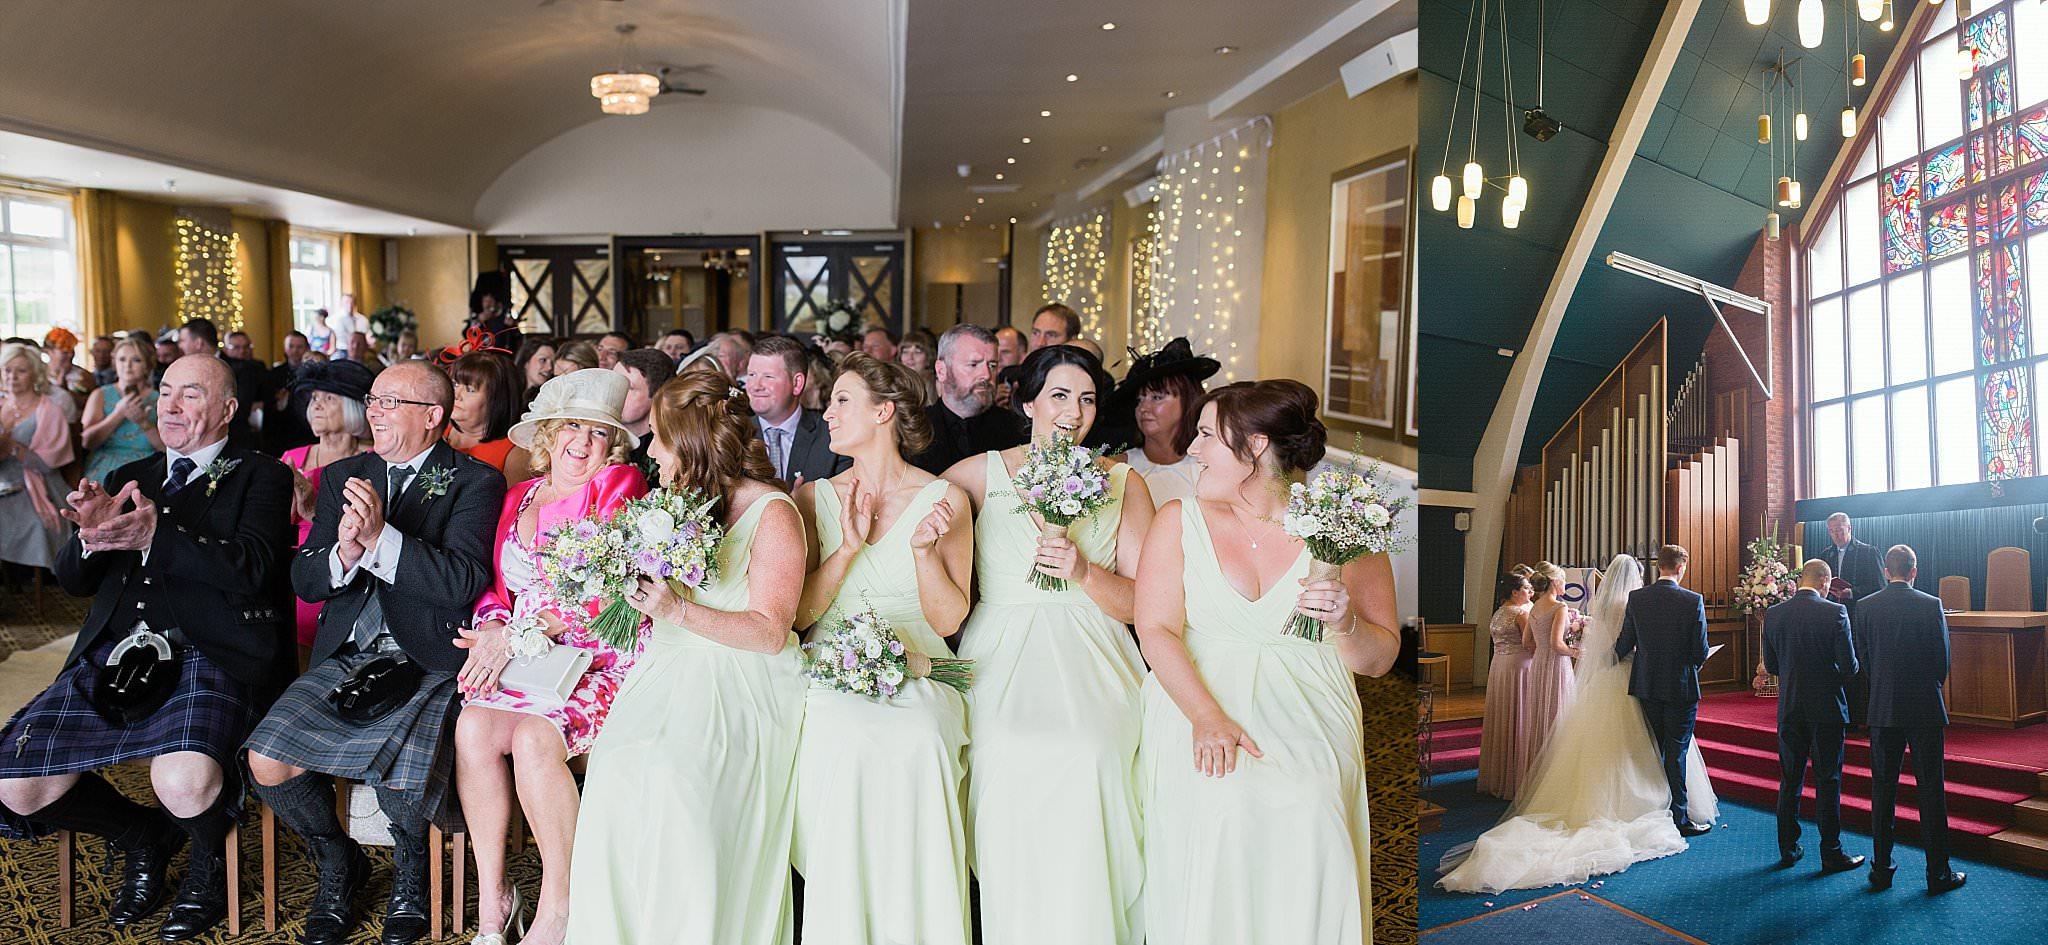 Fine Art Wedding Photographers,Glasgow wedding,The Gibsons,elegant wedding photographers glasgow,natural wedding photographers,romantic photographers Scotland,soft wedding photographers,two wedding photographers scotland,wedding photographers glasgow,